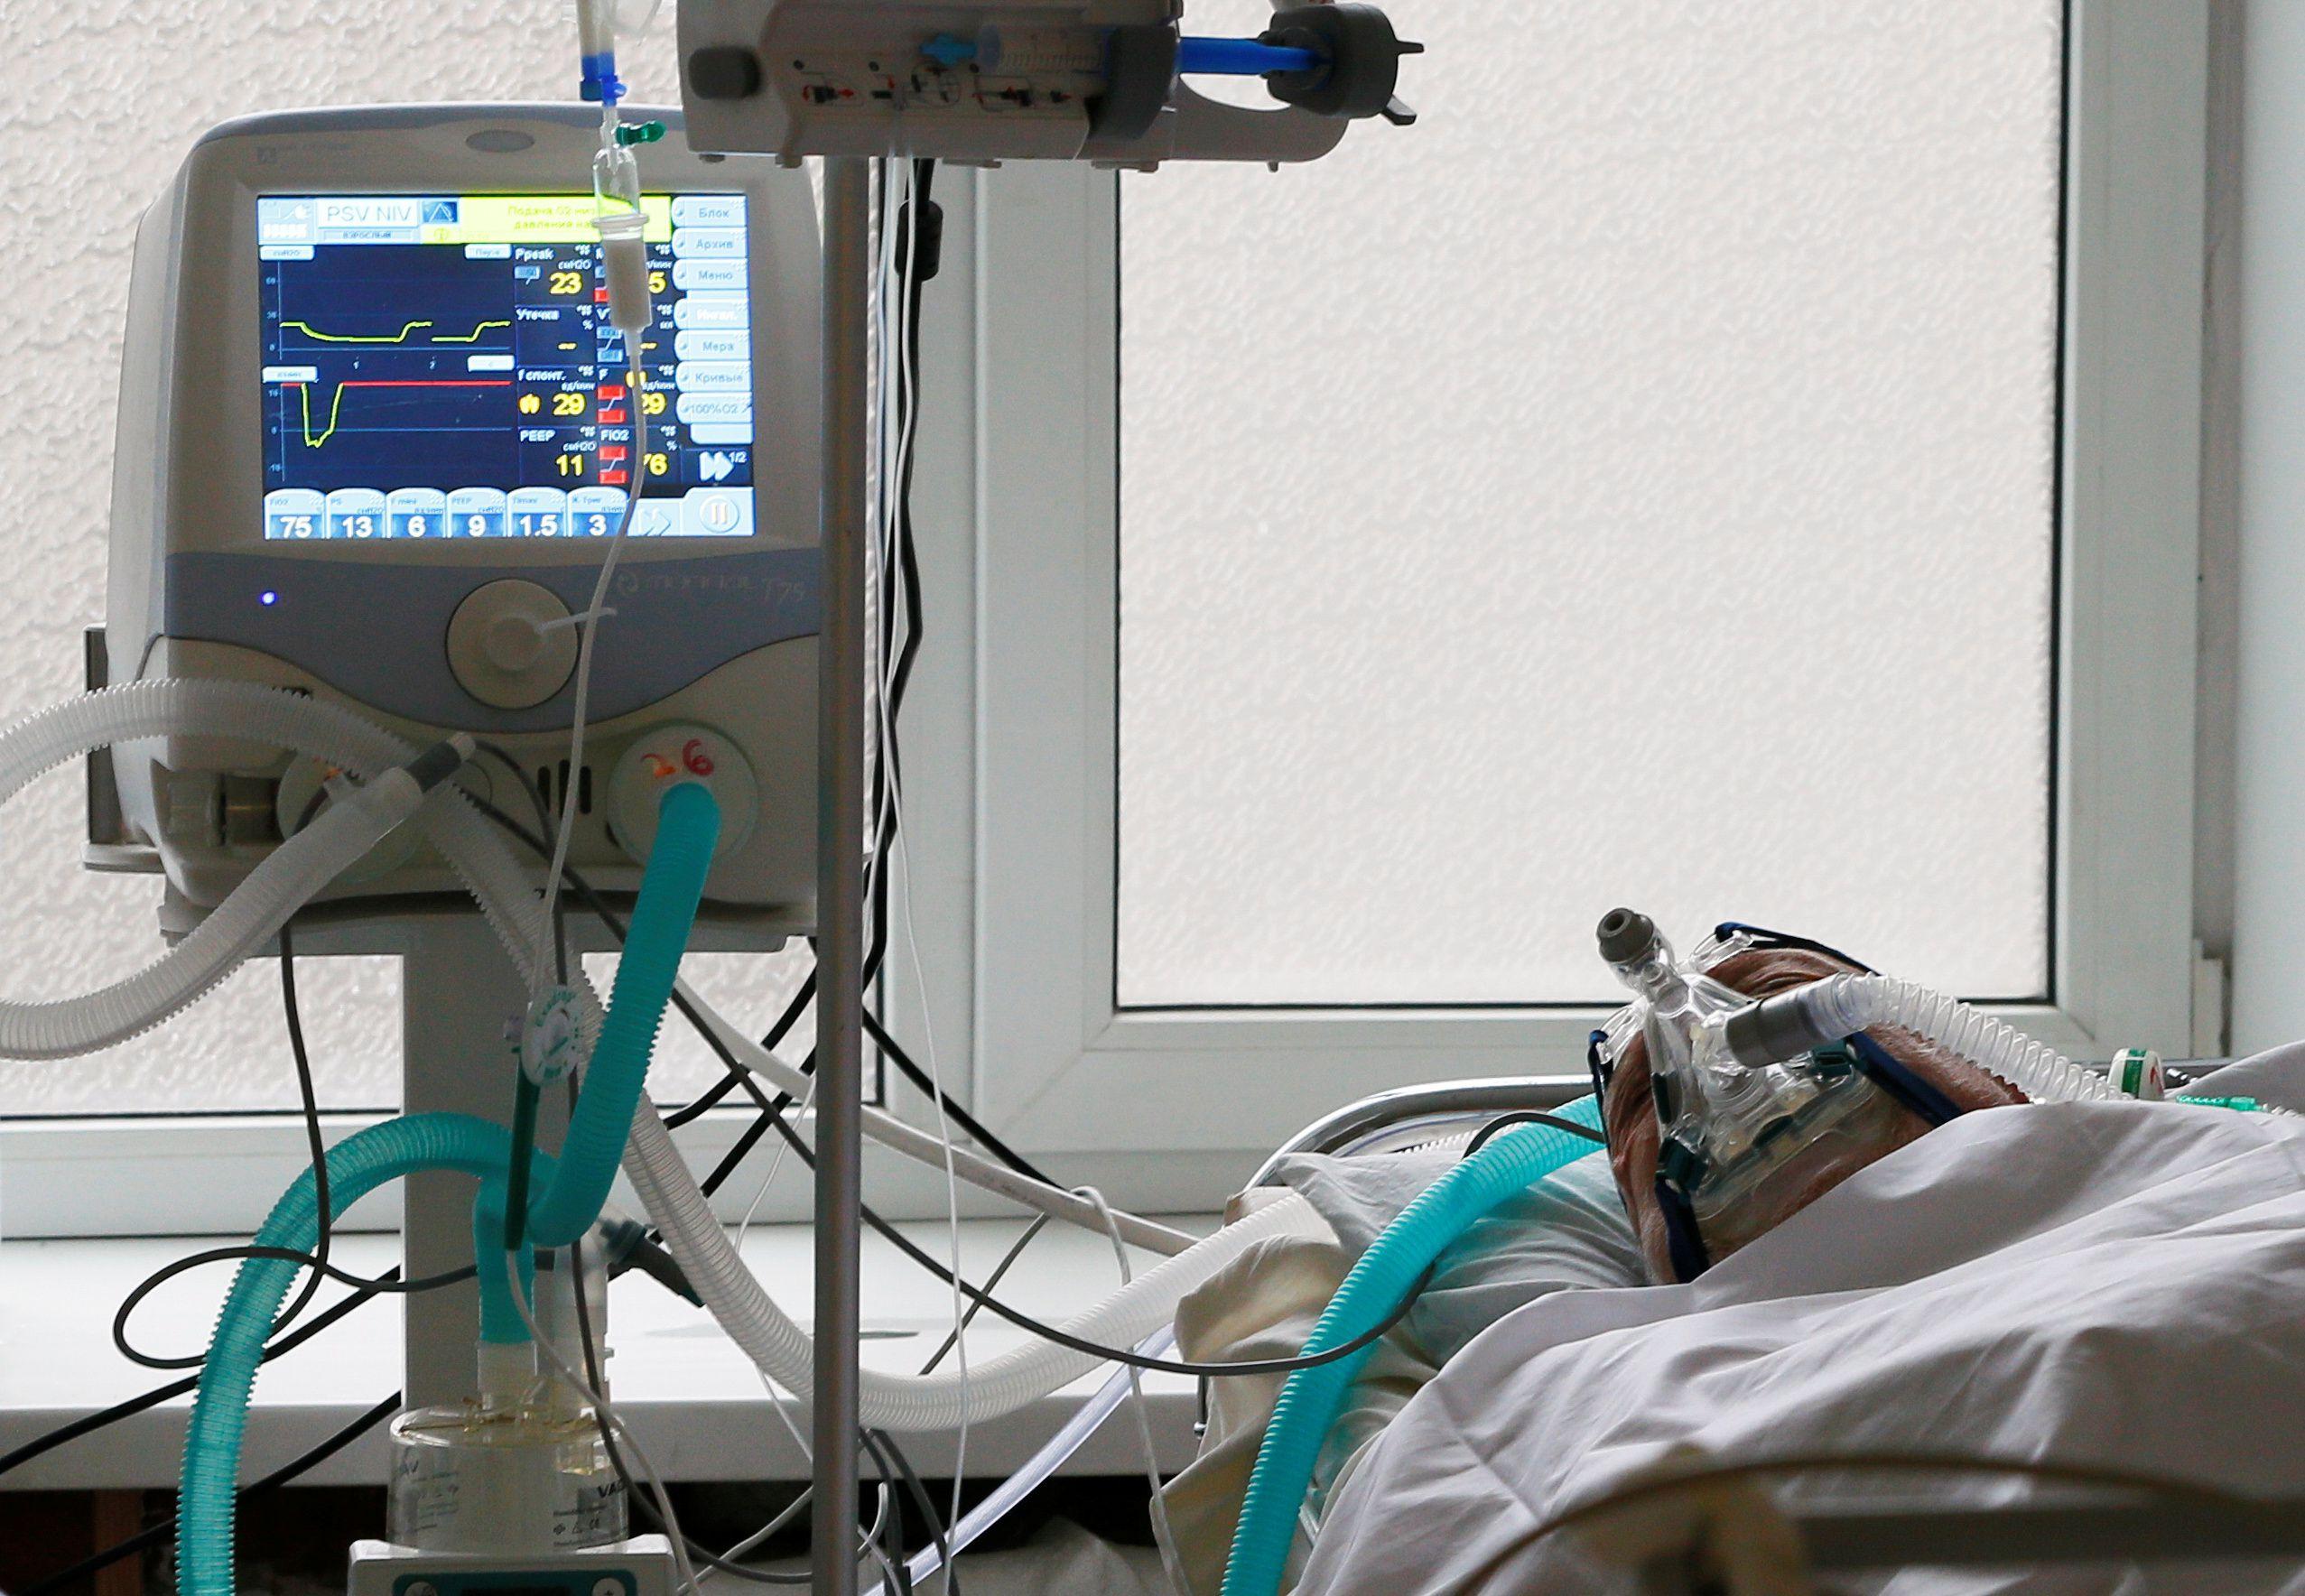 Un paciente internado en terapia intensiva evoluciona bien mientras es tratado con respirador y terapias en el hospital central de Kiev, en Ucrania - REUTERS/Gleb Garanich